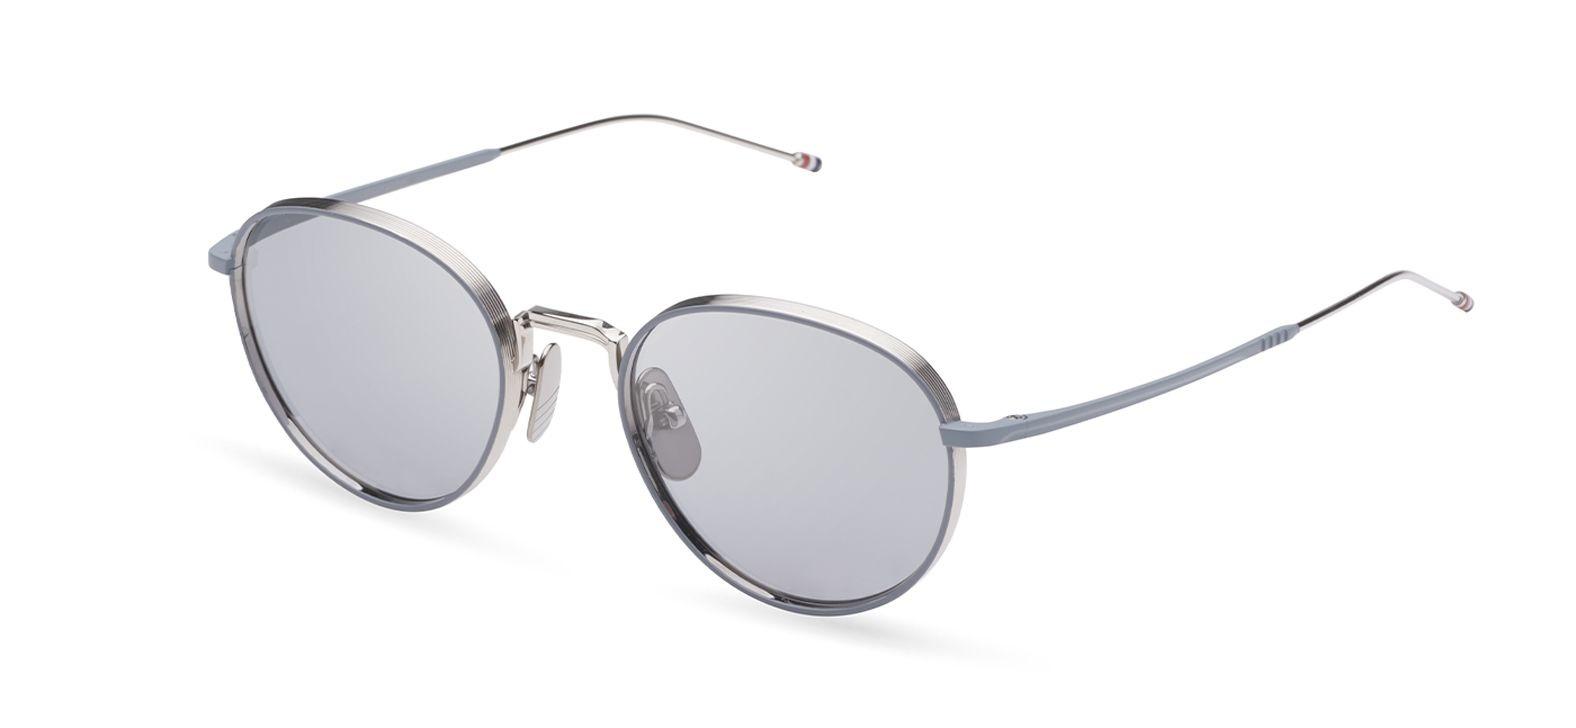 TB-119 A 01 Silver Grey-2